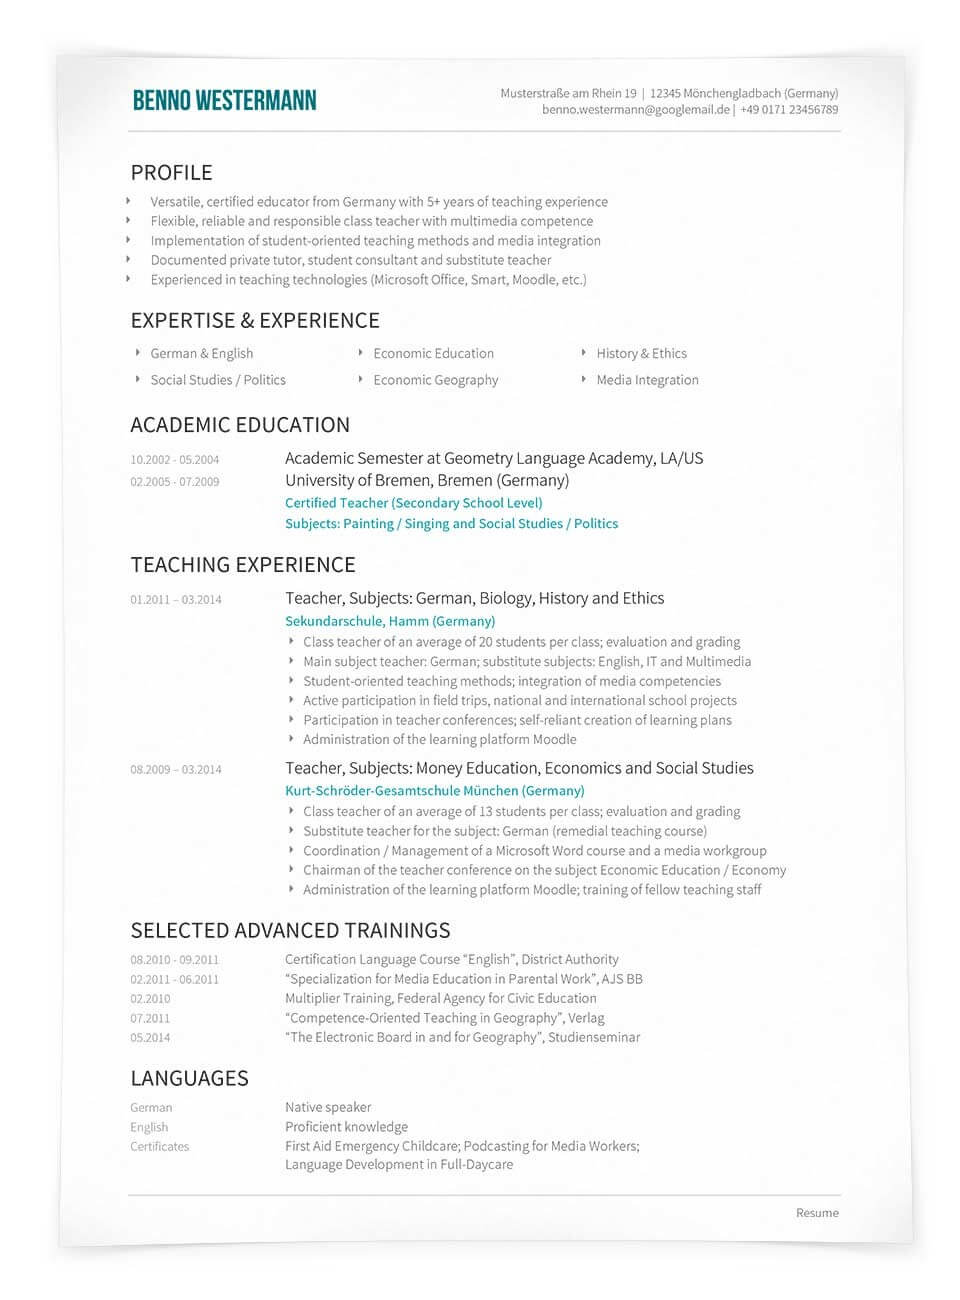 Englischer Lebenslauf Aufbau Tipps Muster Vorlagen 2021 10 1